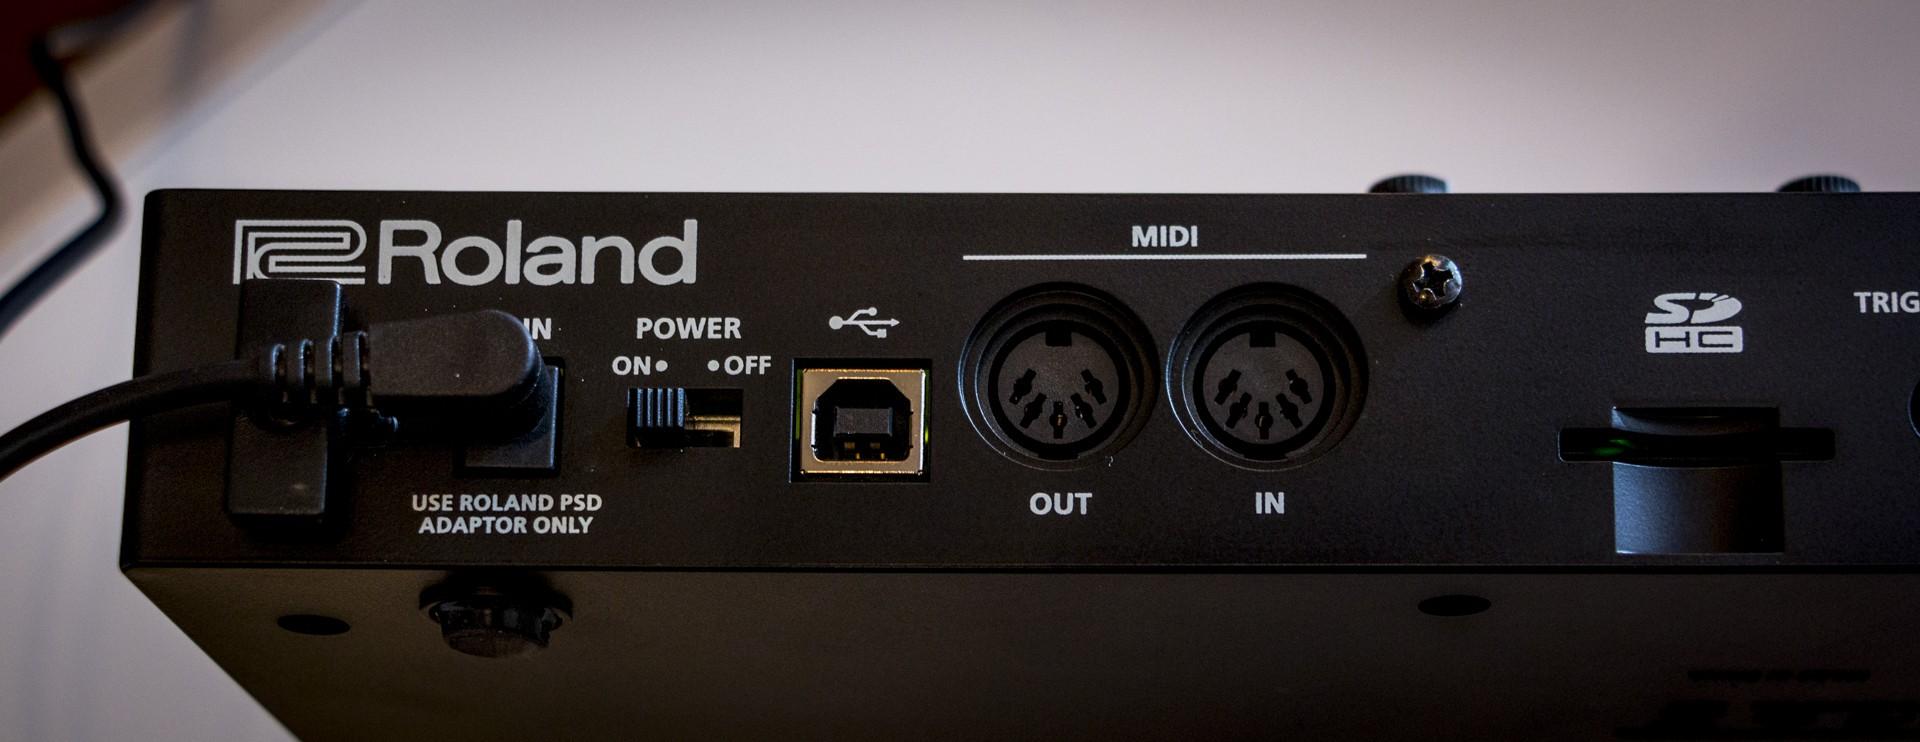 Roland-TR8S-015.jpg